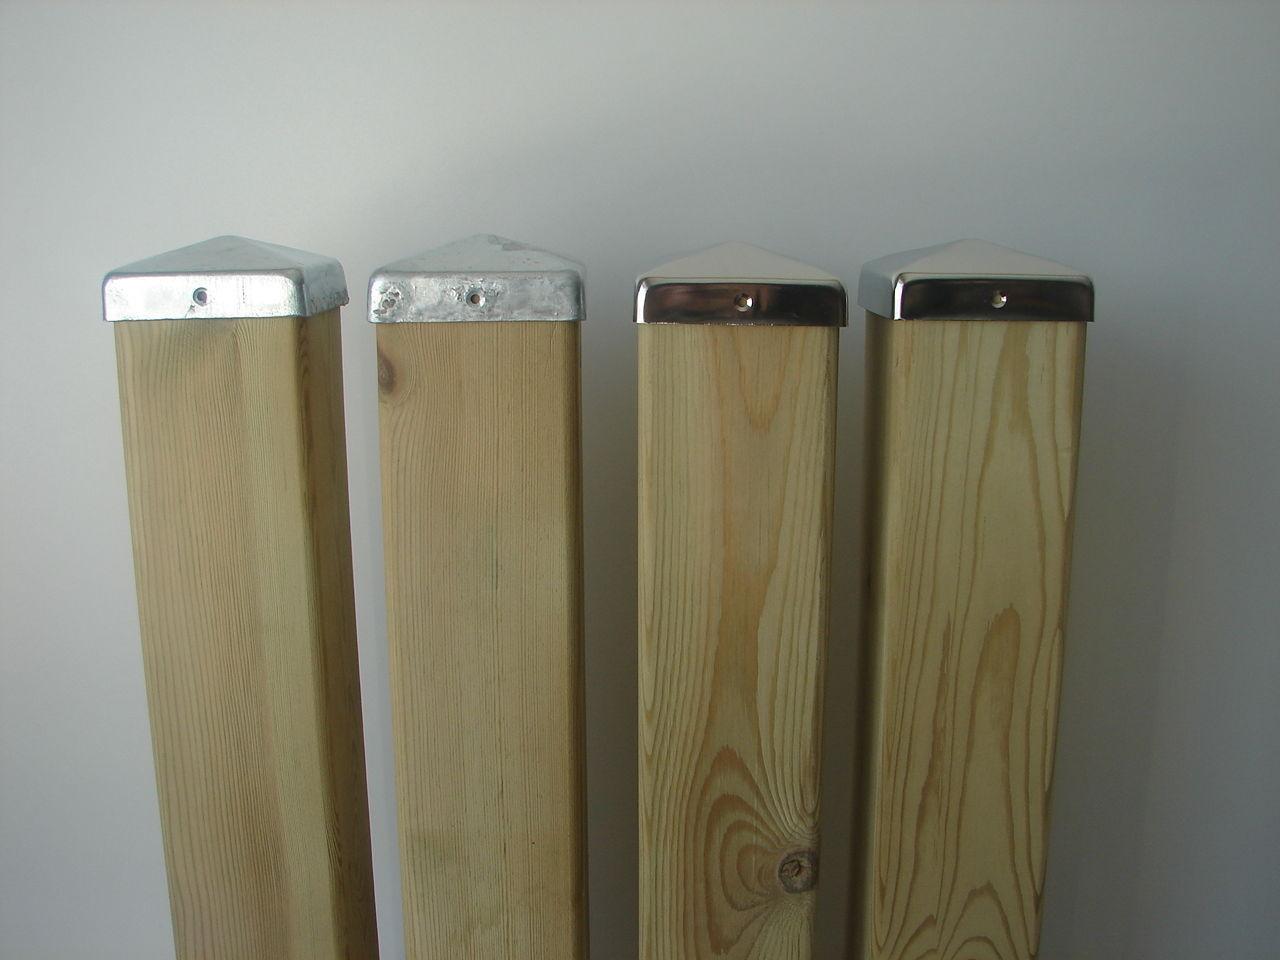 Pfosten Holz &Stahlhandel H Schenk GmbH